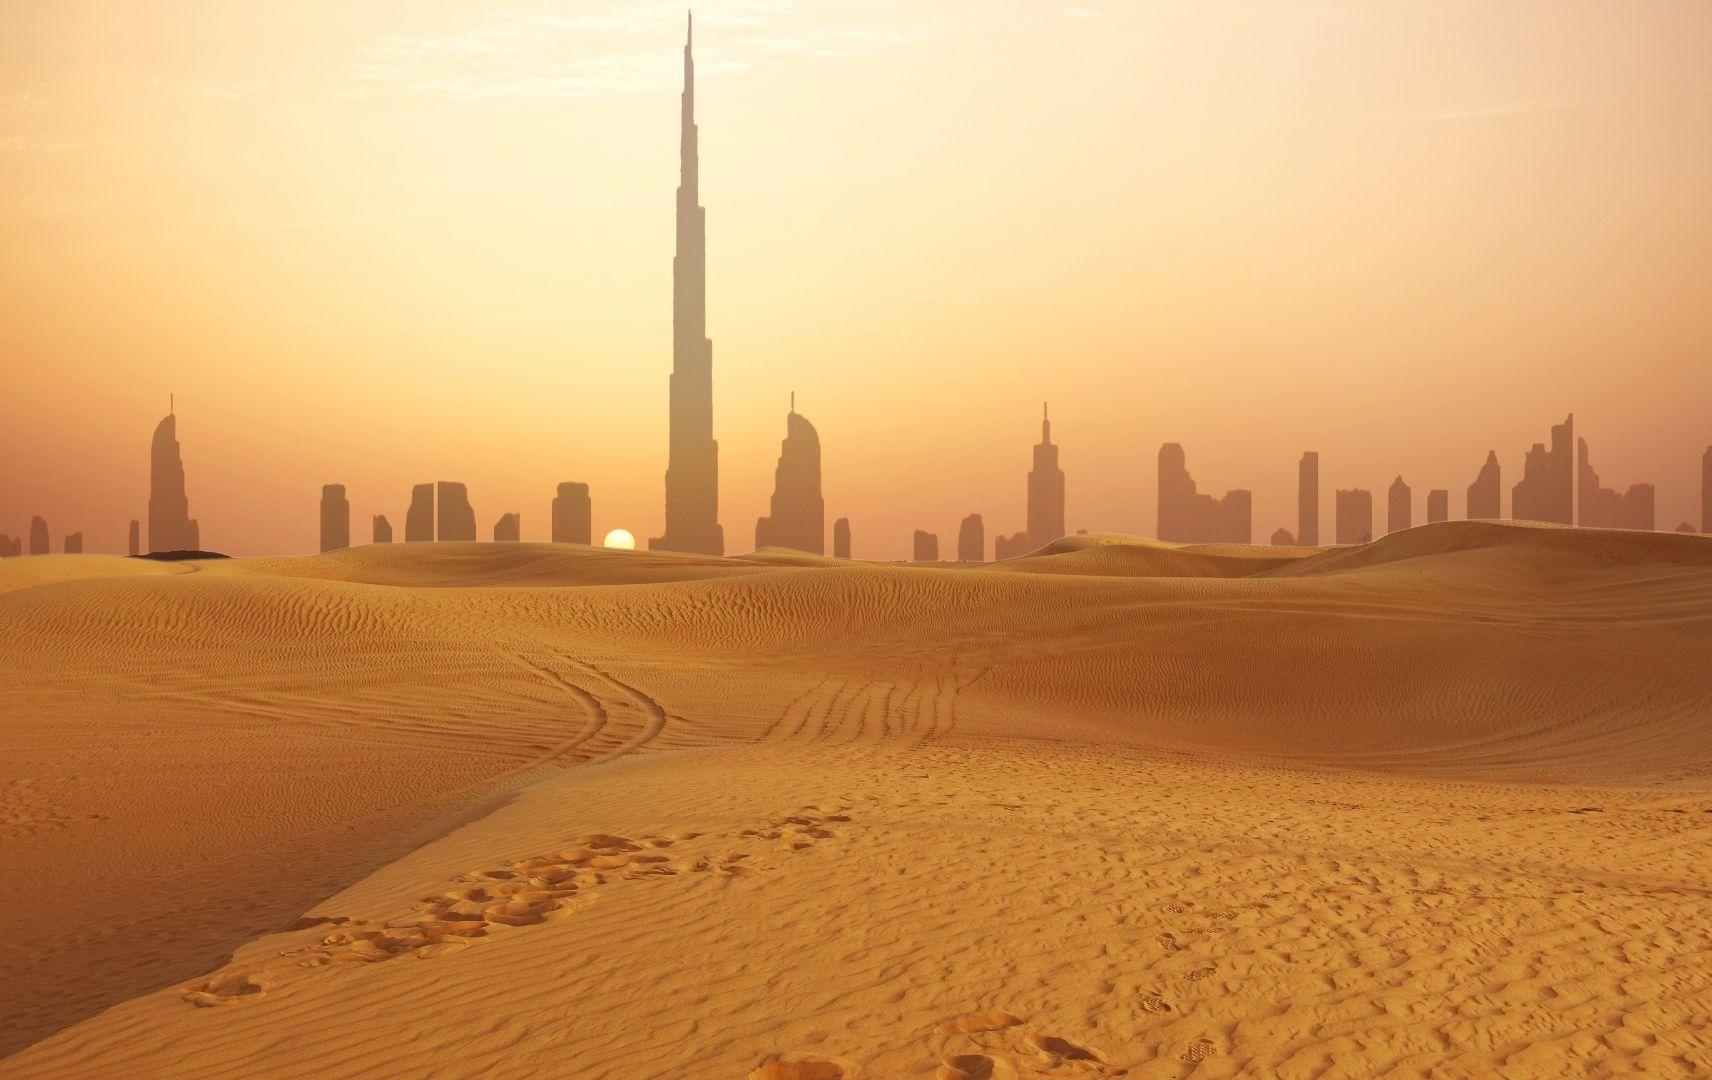 Kreuzfahrt top ten - Orient, Dubai Wüste und Skyline